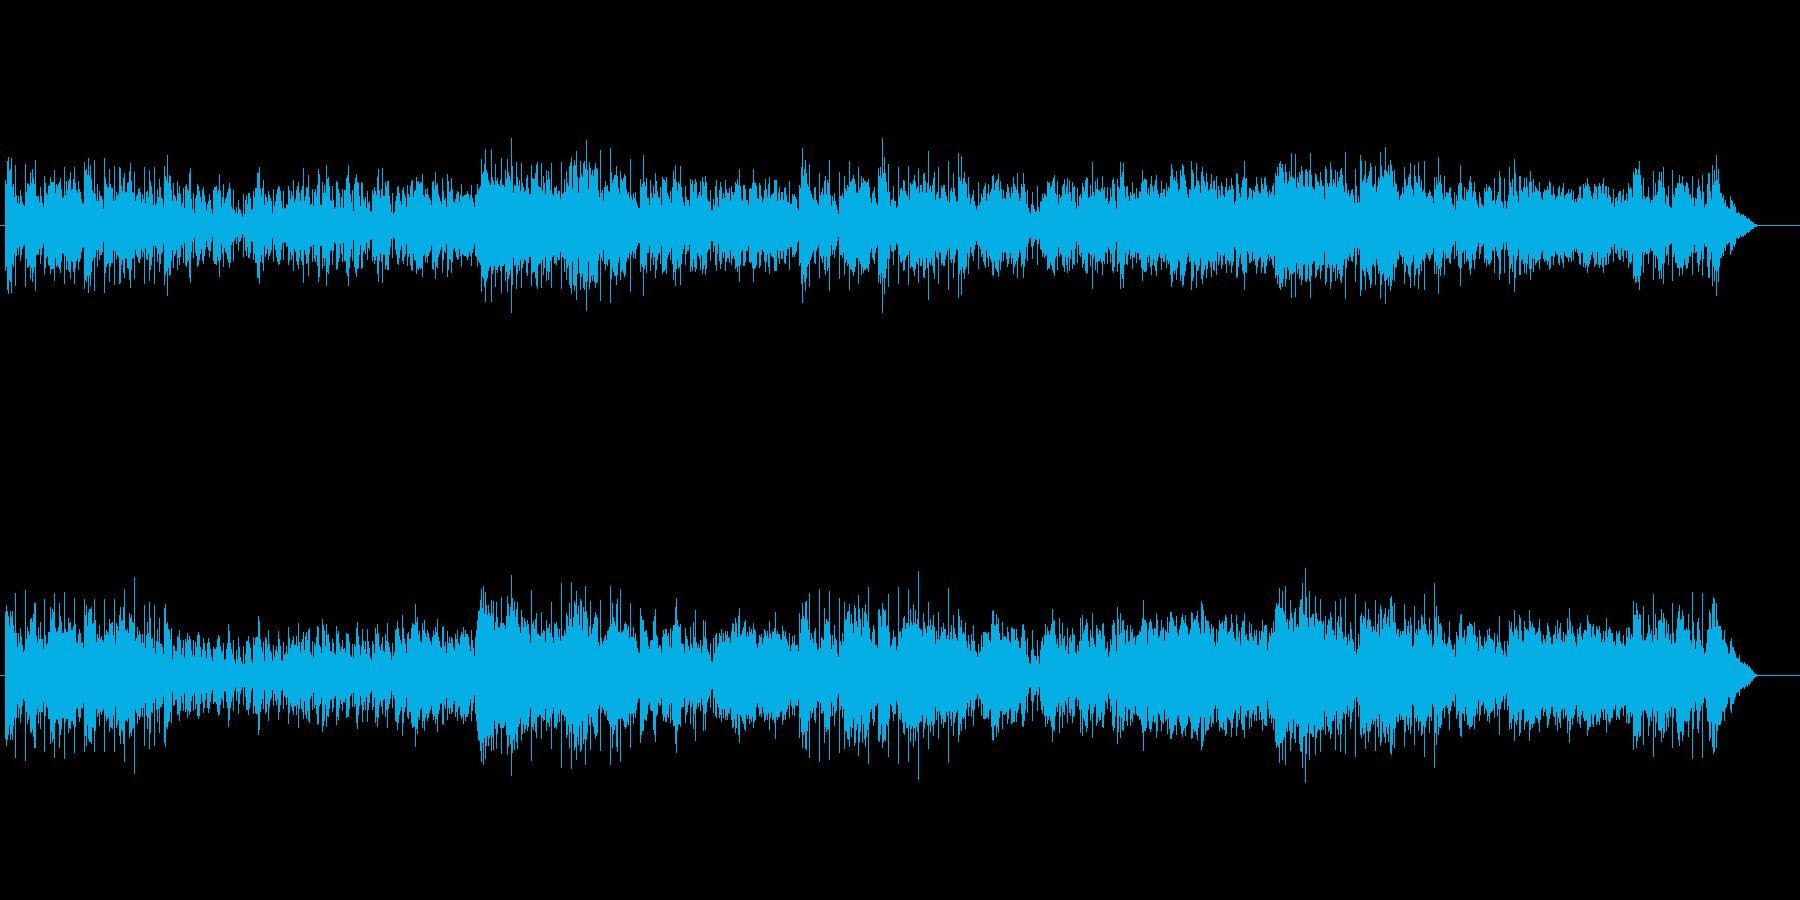 ニューミュージック系なピアノ・メロディーの再生済みの波形